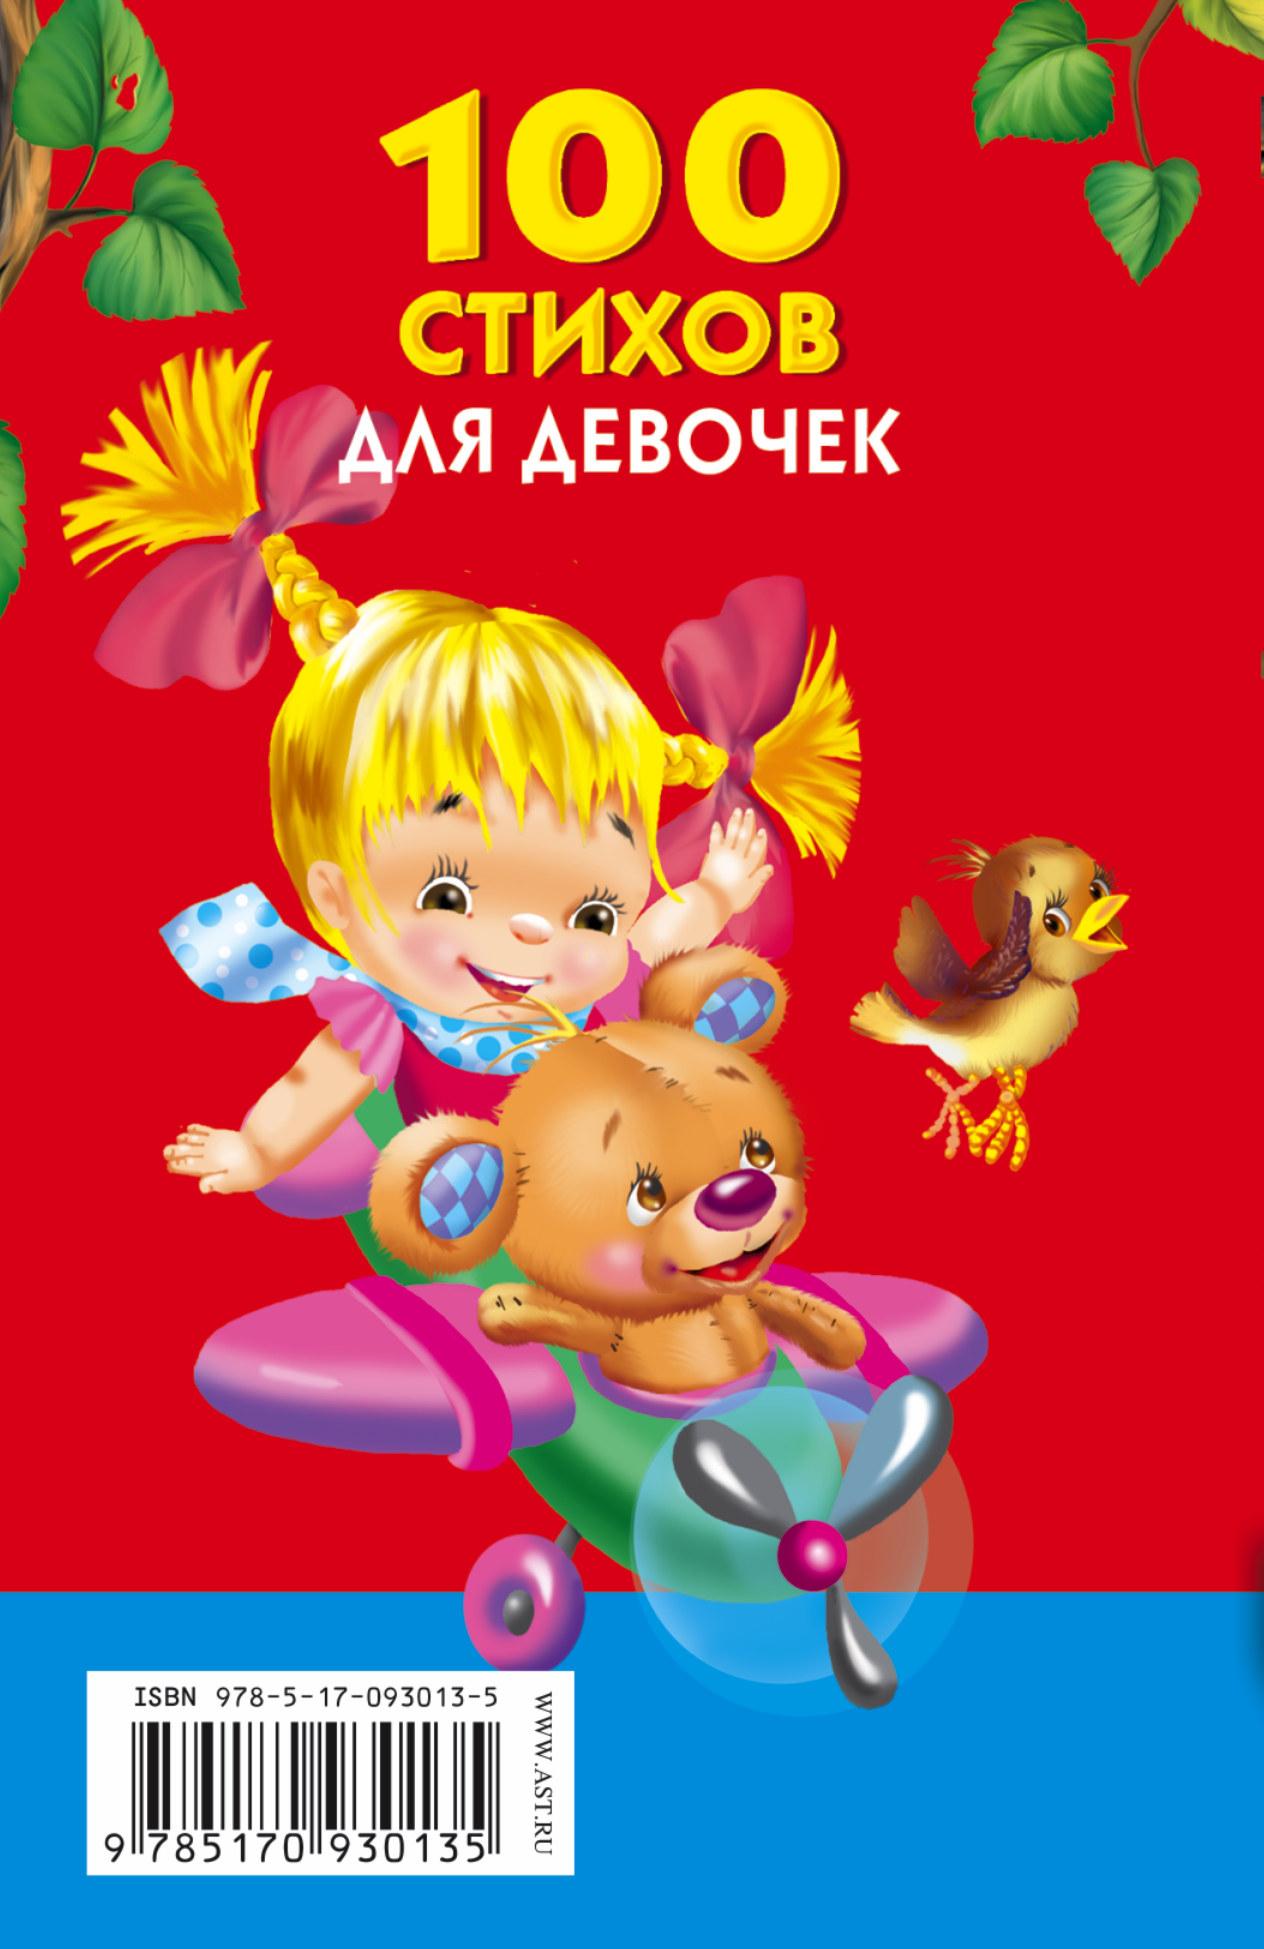 Барто Агния Львовна. 100 стихов для девочек